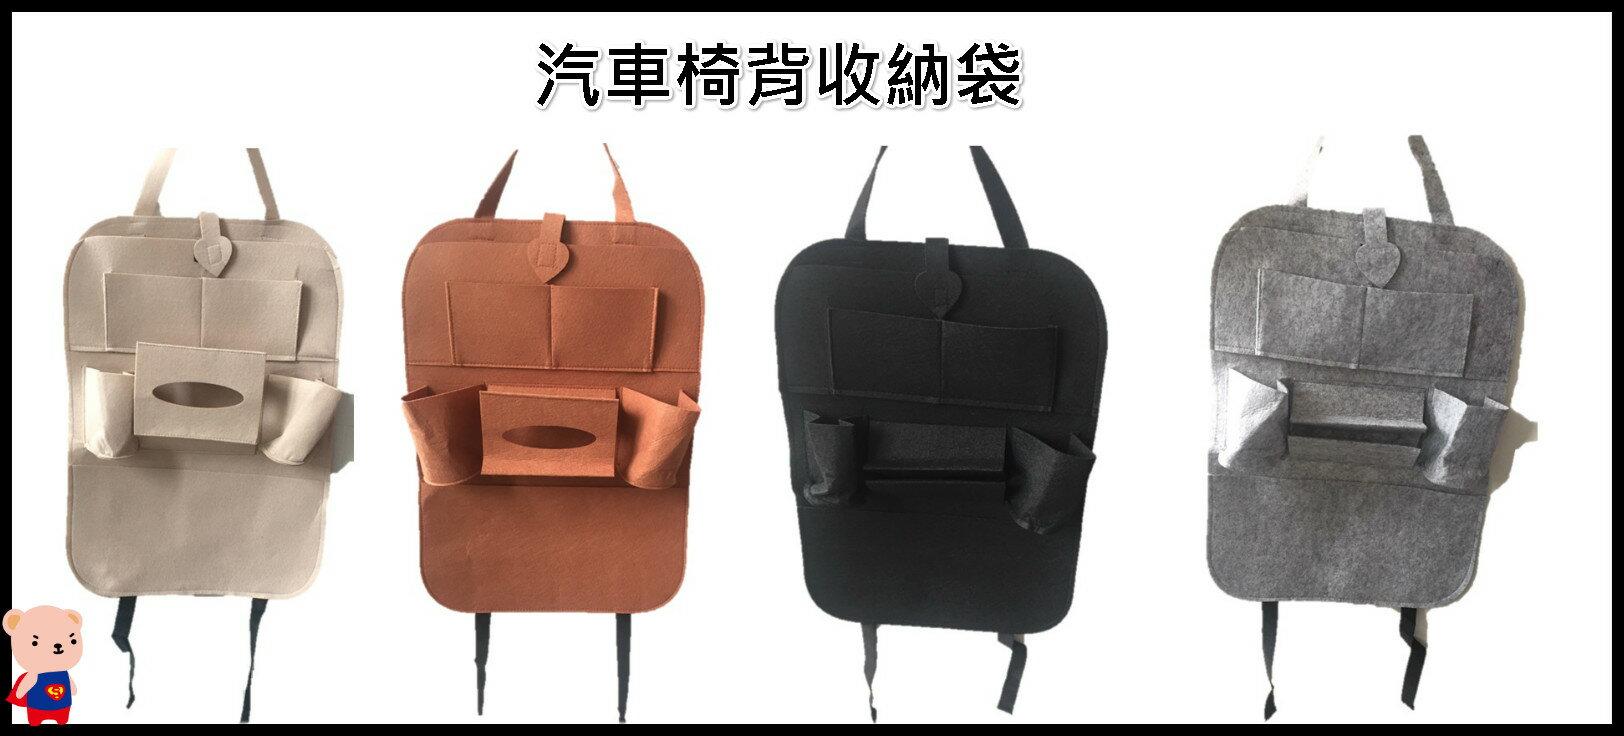 收納袋 汽車椅背收納袋 掛袋  汽車收納 座椅收納 置物袋 車用 收納 椅背收納 椅背收納袋